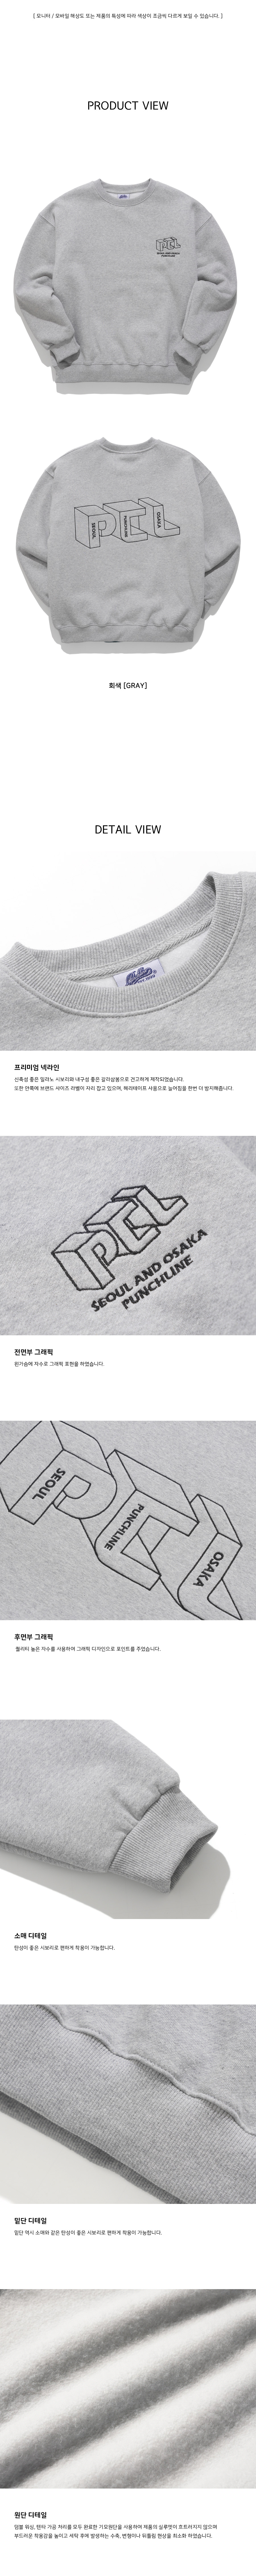 [기획특가][12/15 예약발송][펀치라인] PCL 로고라인 맨투맨 6종 JUMT6124